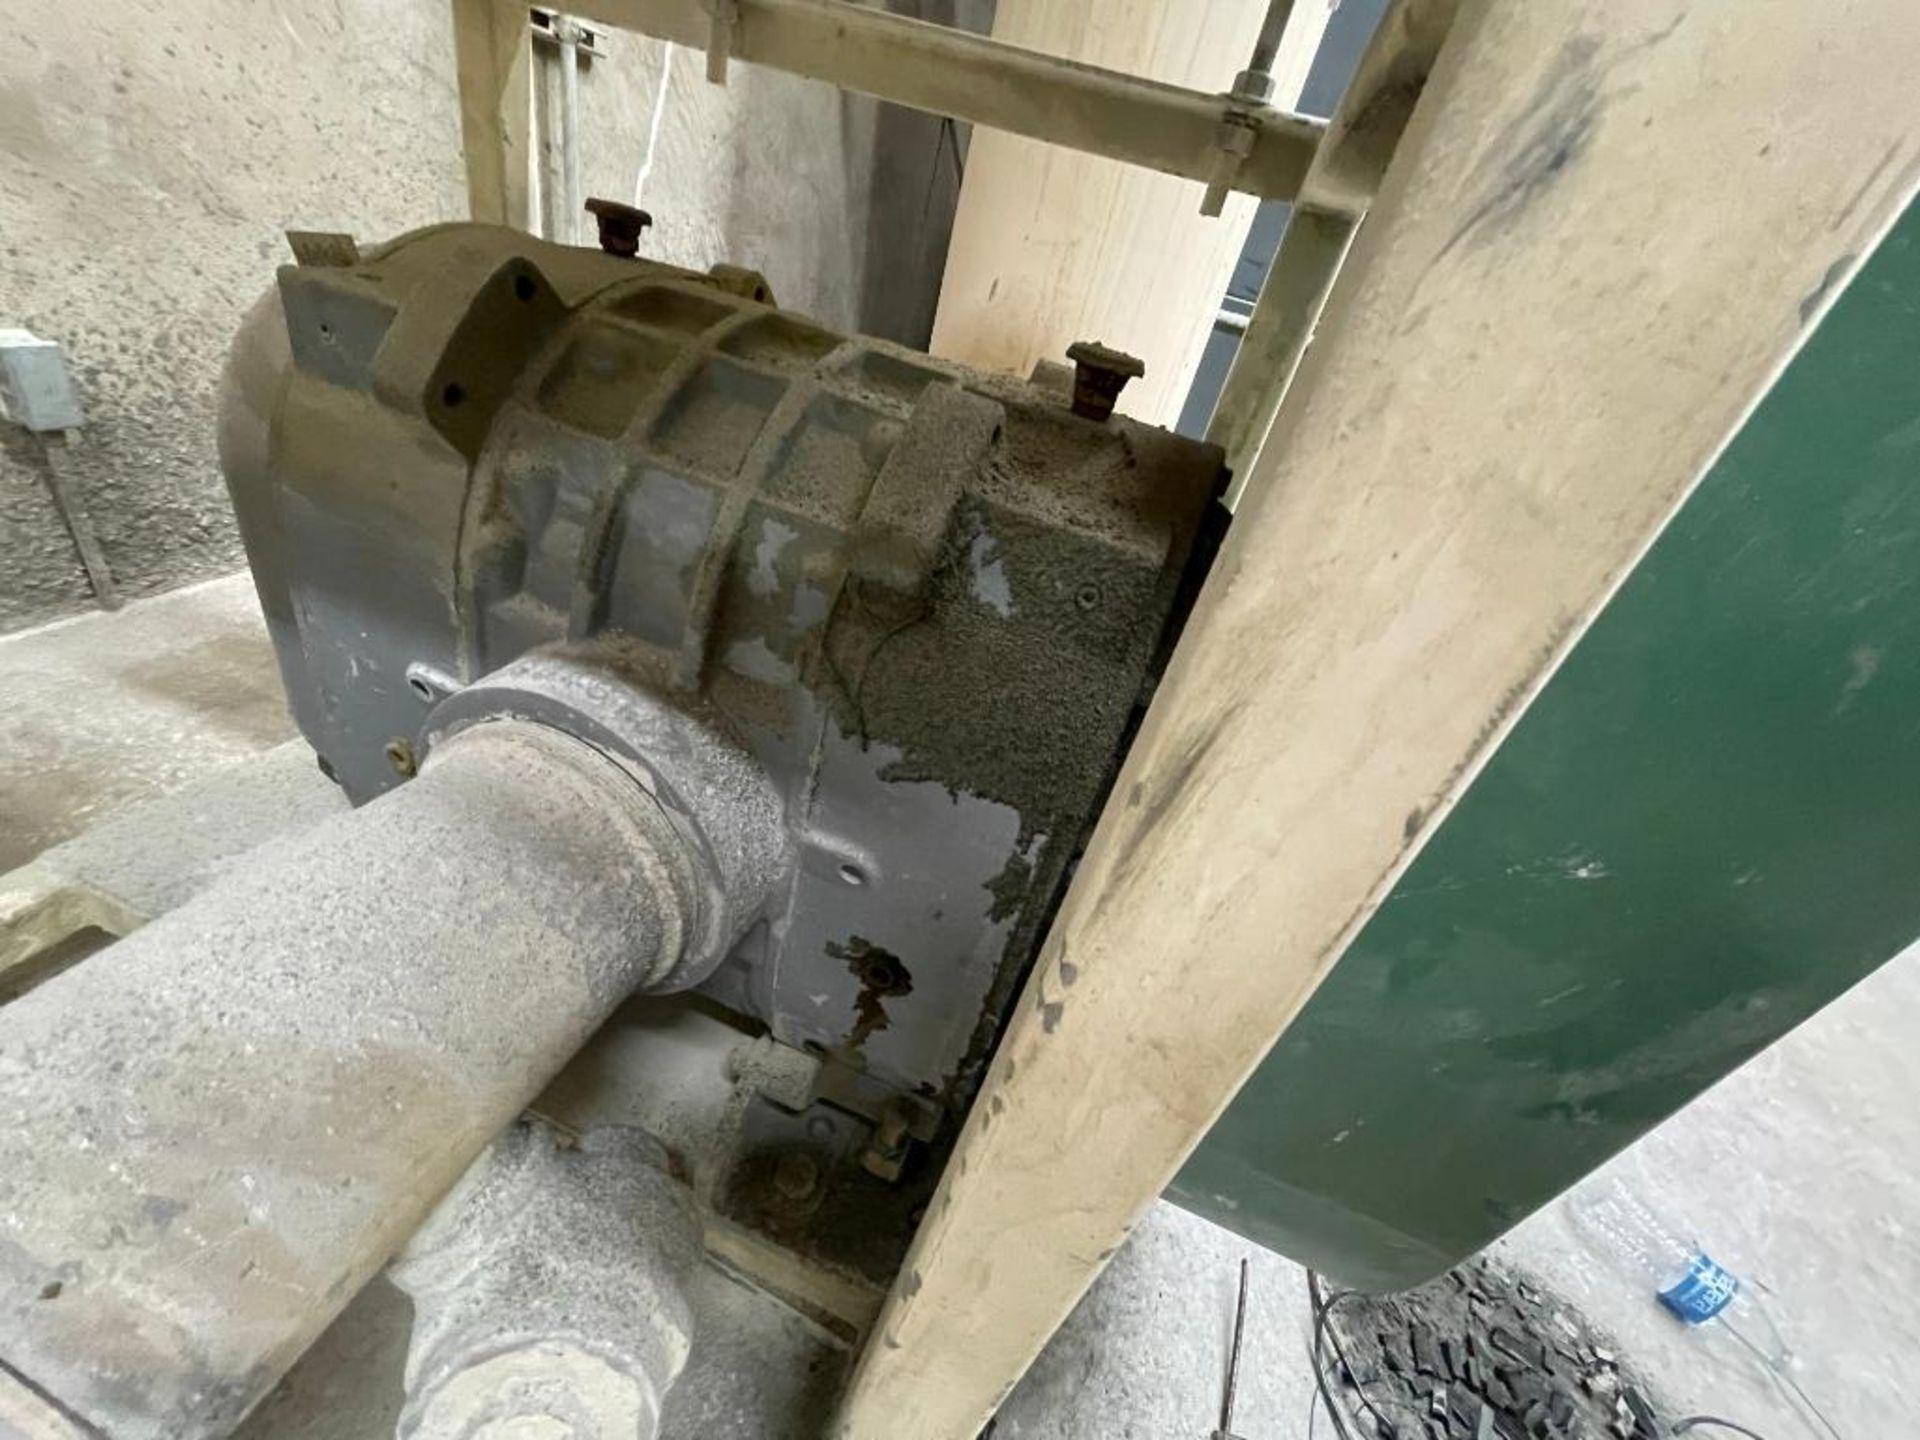 Gardner Denver rotary positive blower - Image 16 of 33